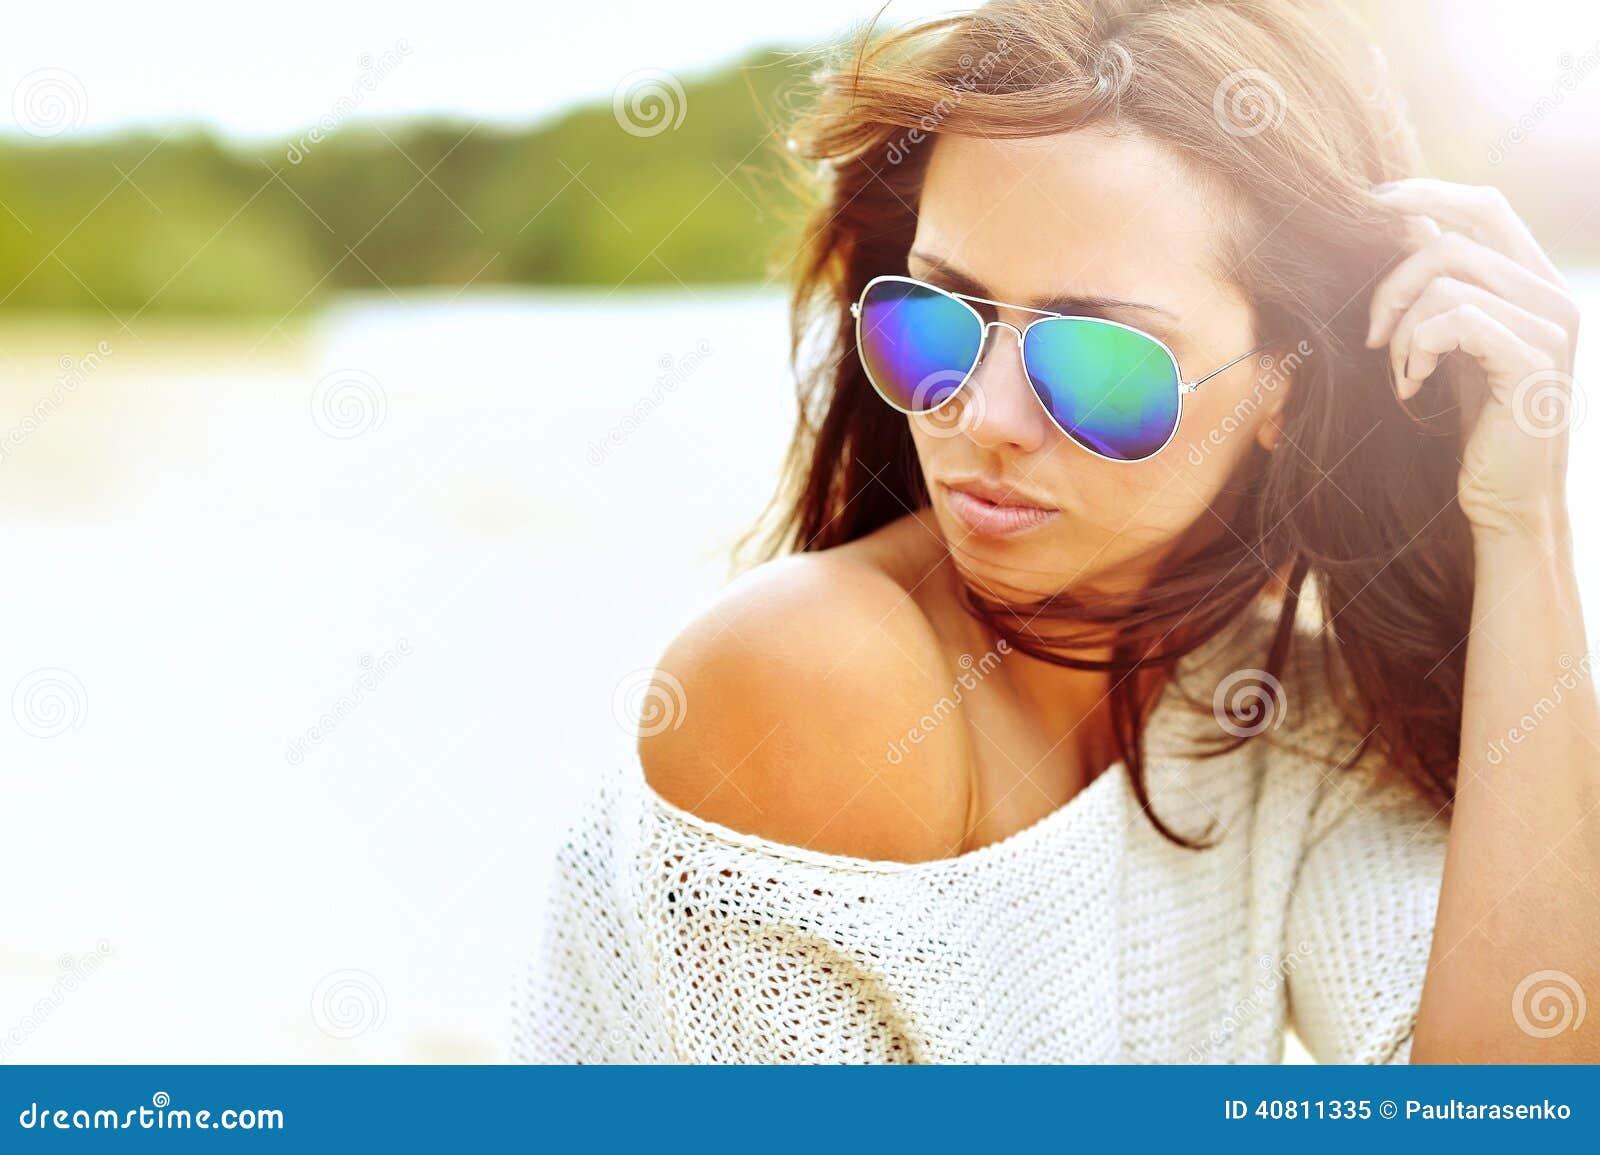 Κλείστε επάνω το όμορφο πορτρέτο γυναικών μόδας φορώντας τα γυαλιά ηλίου